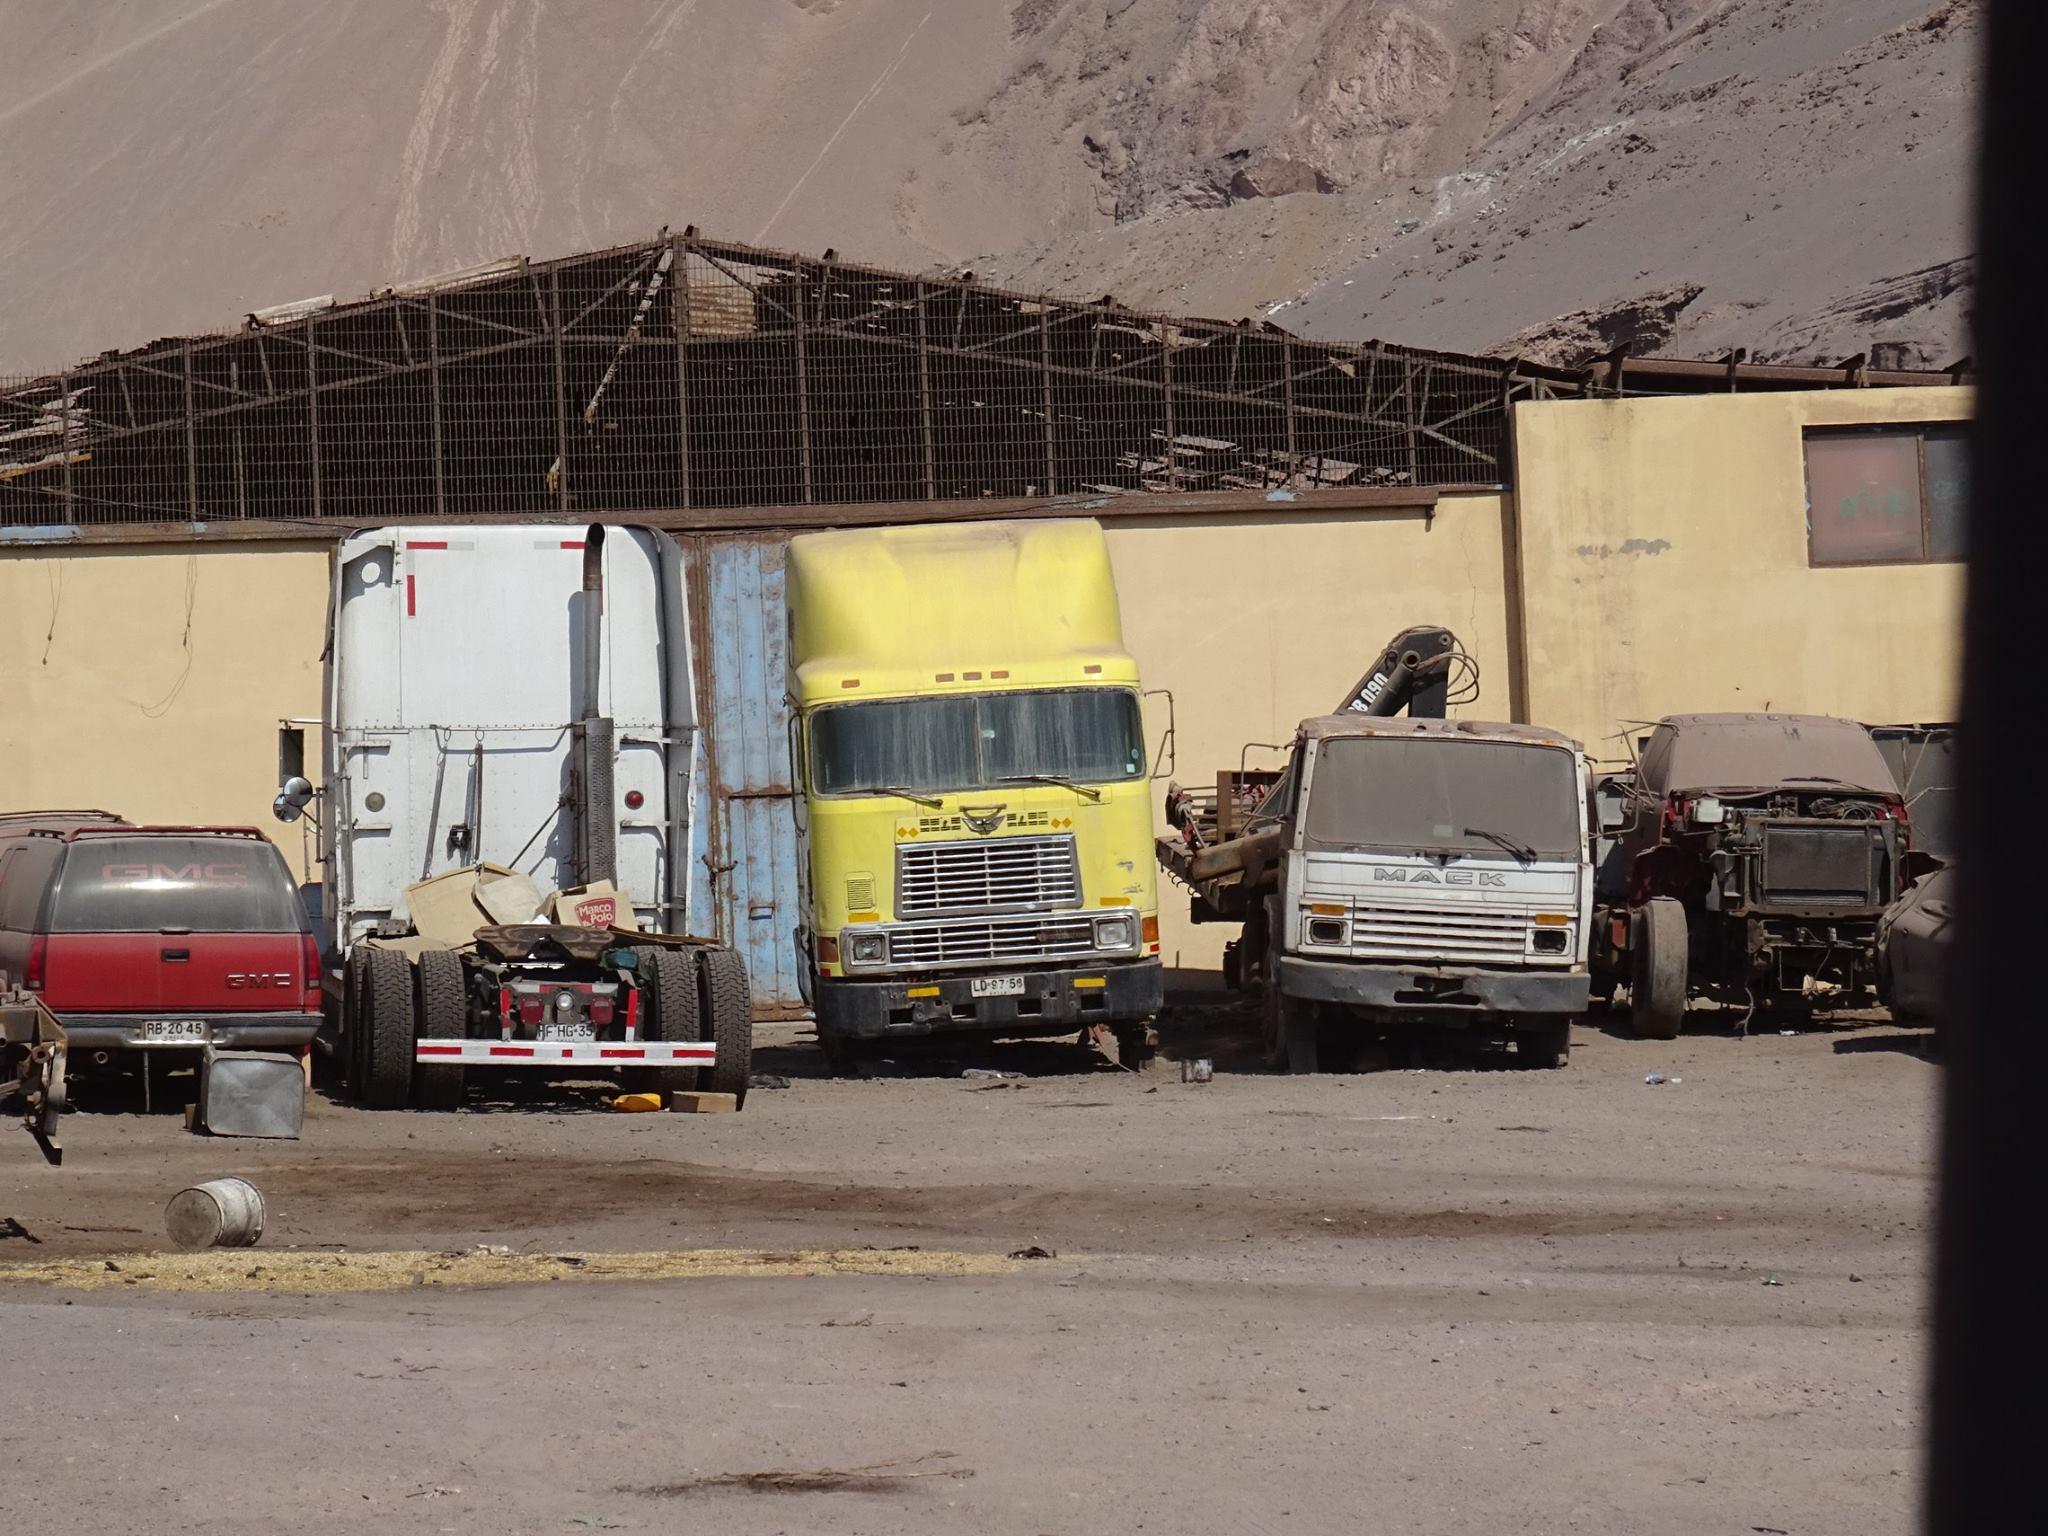 Camiones-vieja-escuela-olvidados-65